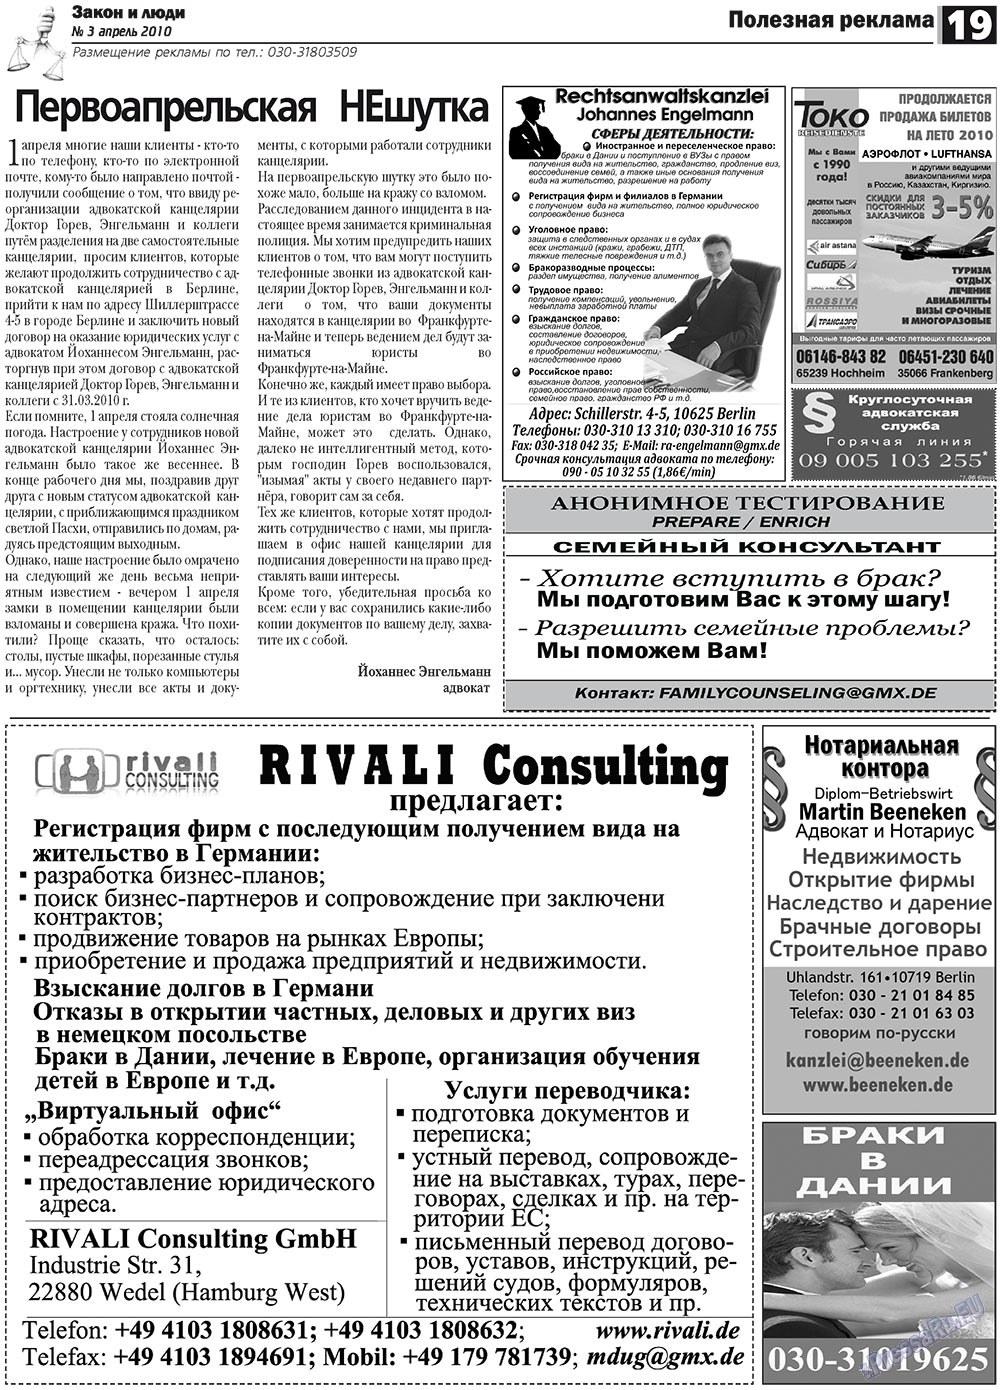 Закон и люди (газета). 2010 год, номер 3, стр. 19